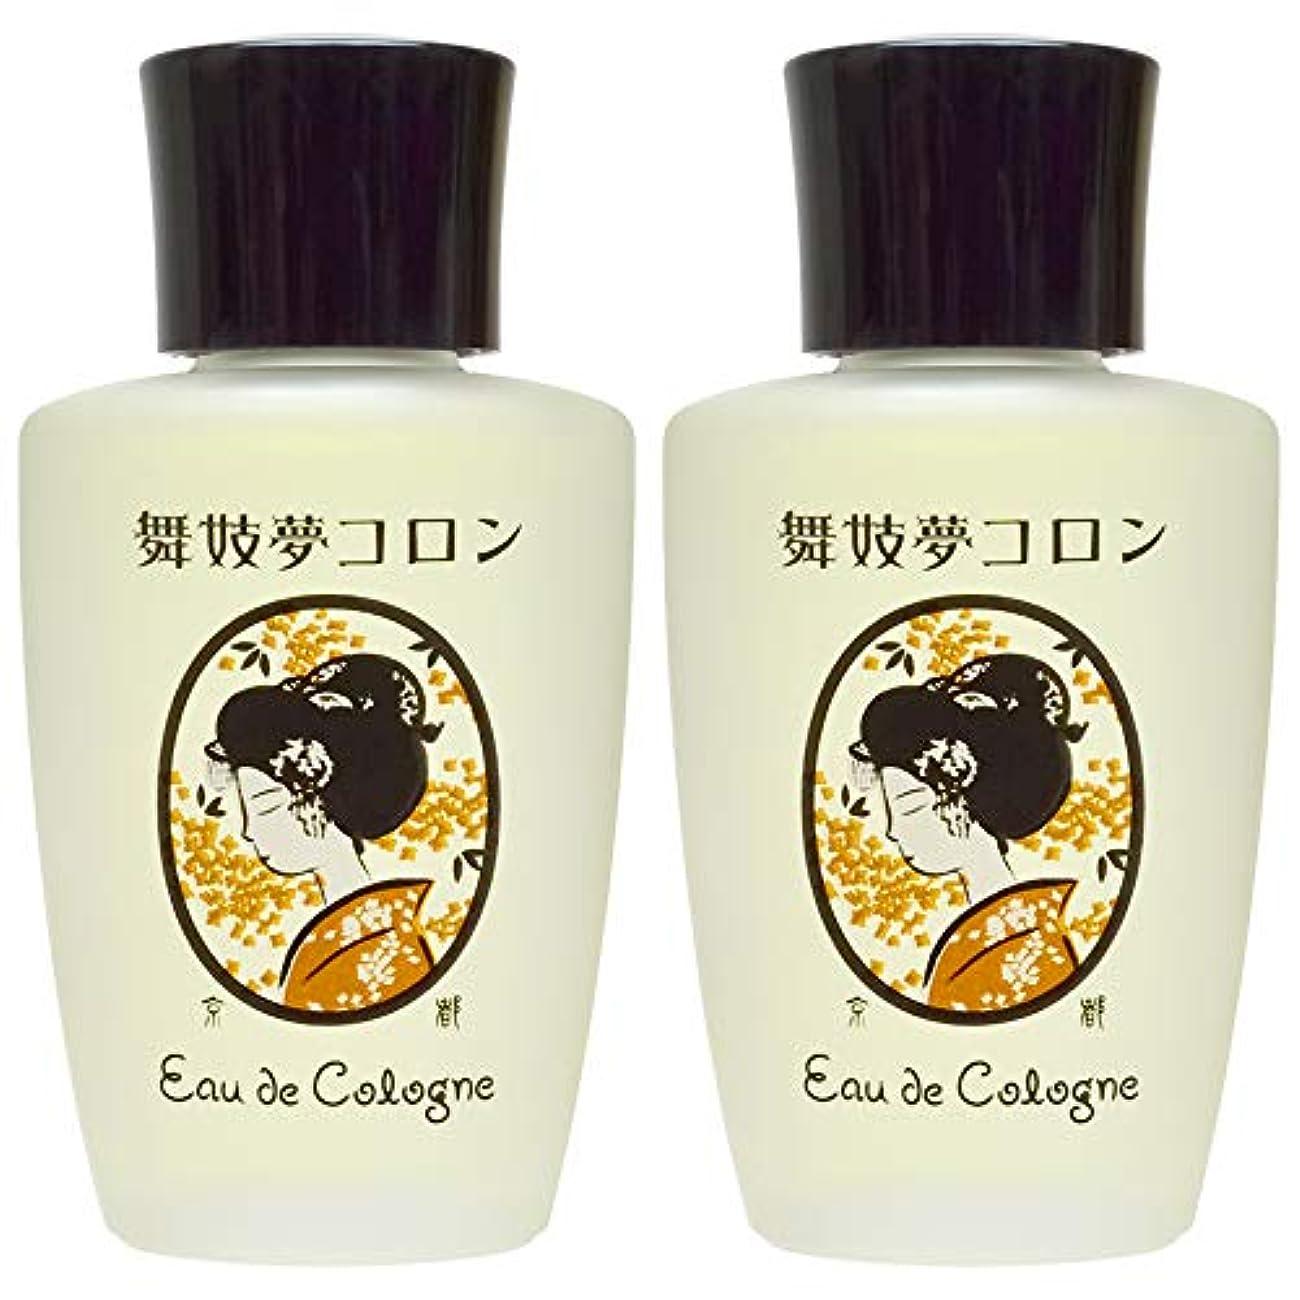 心から受けるフルーティー京コスメ 舞妓夢コロン 金木犀/きんもくせいの香り 2個セット 20ml×2個